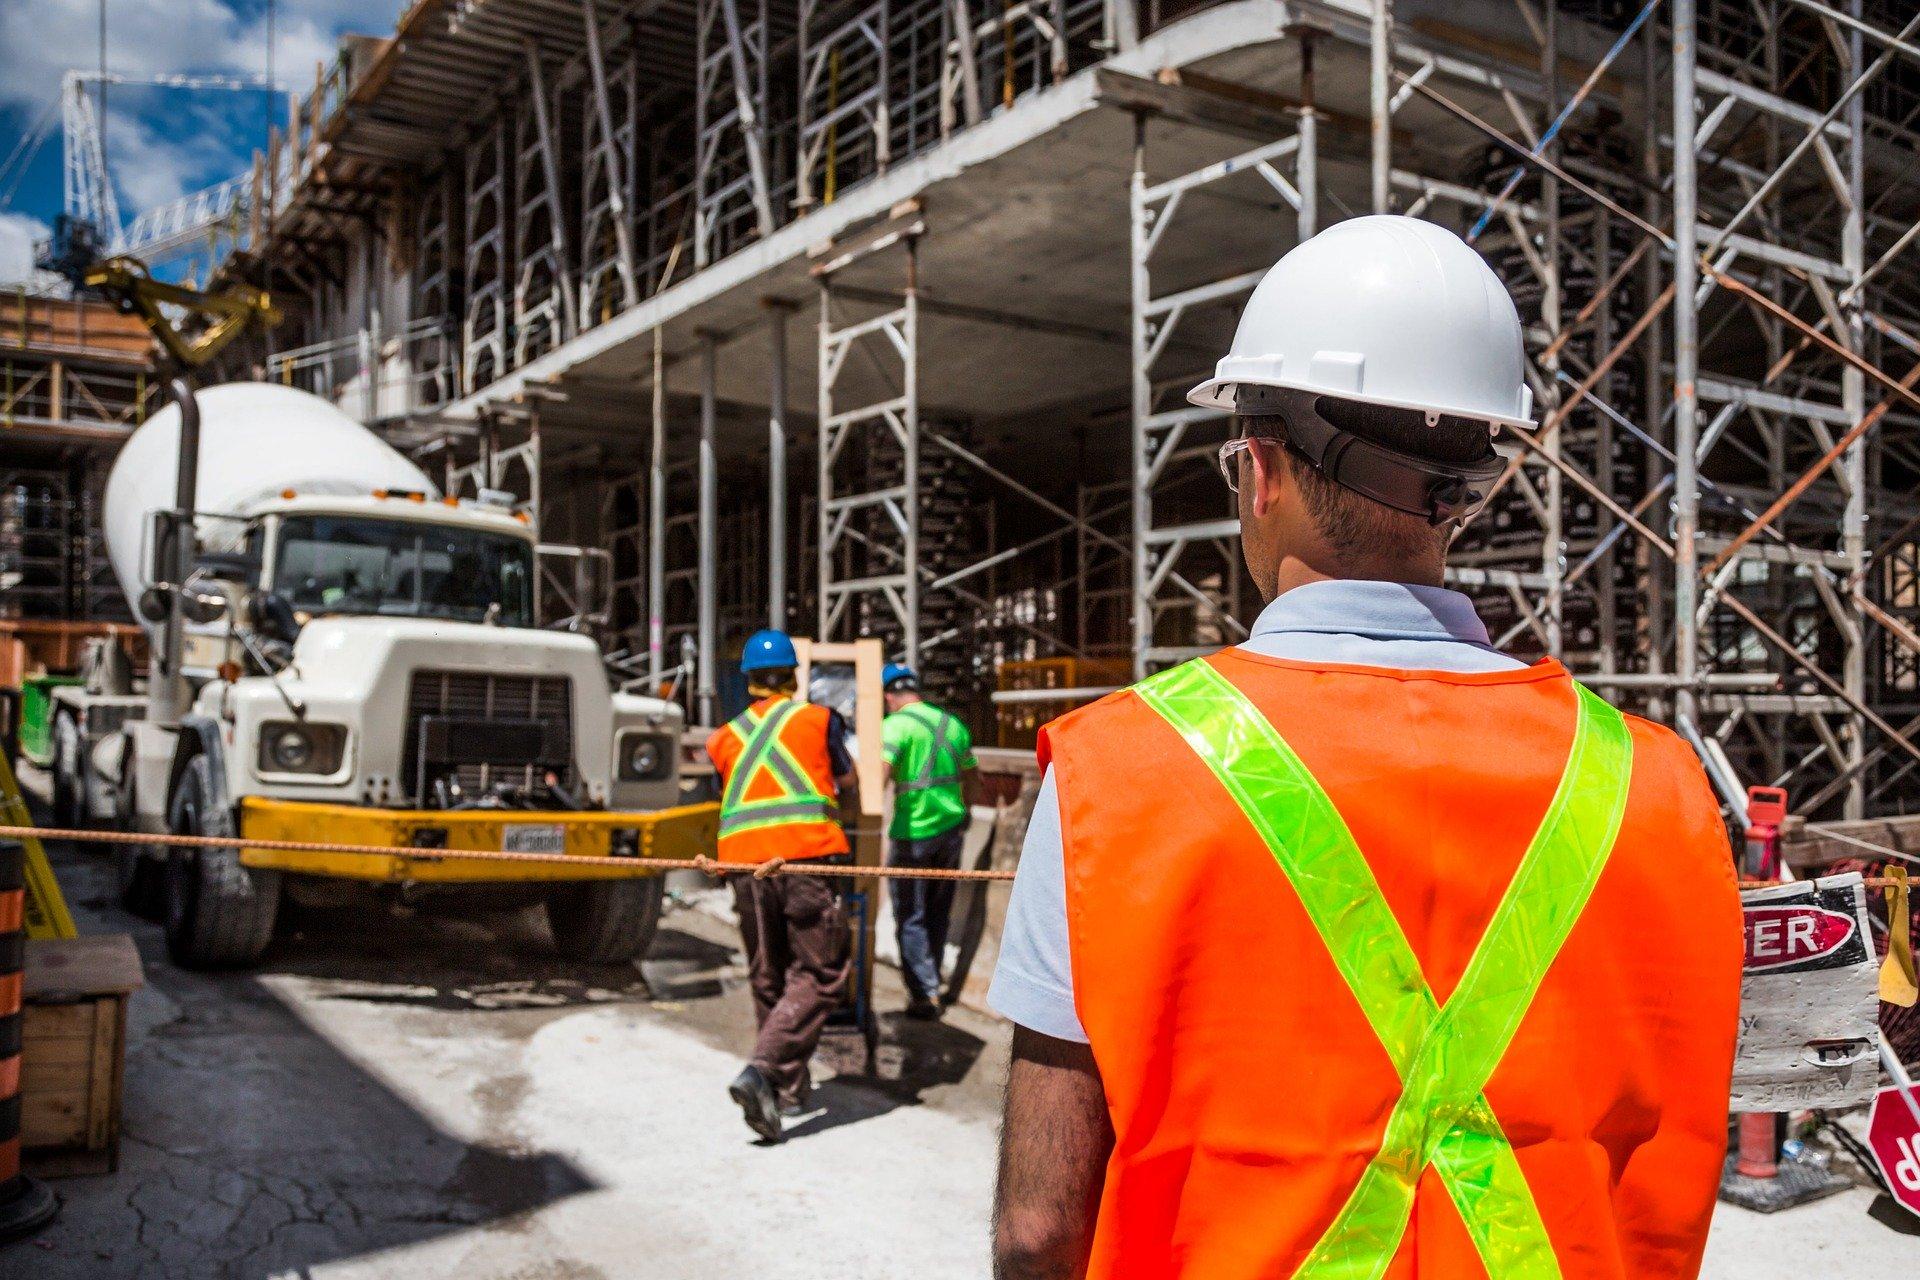 疫情下保就业墨尔本建筑工地延长工作时间| 大纪元